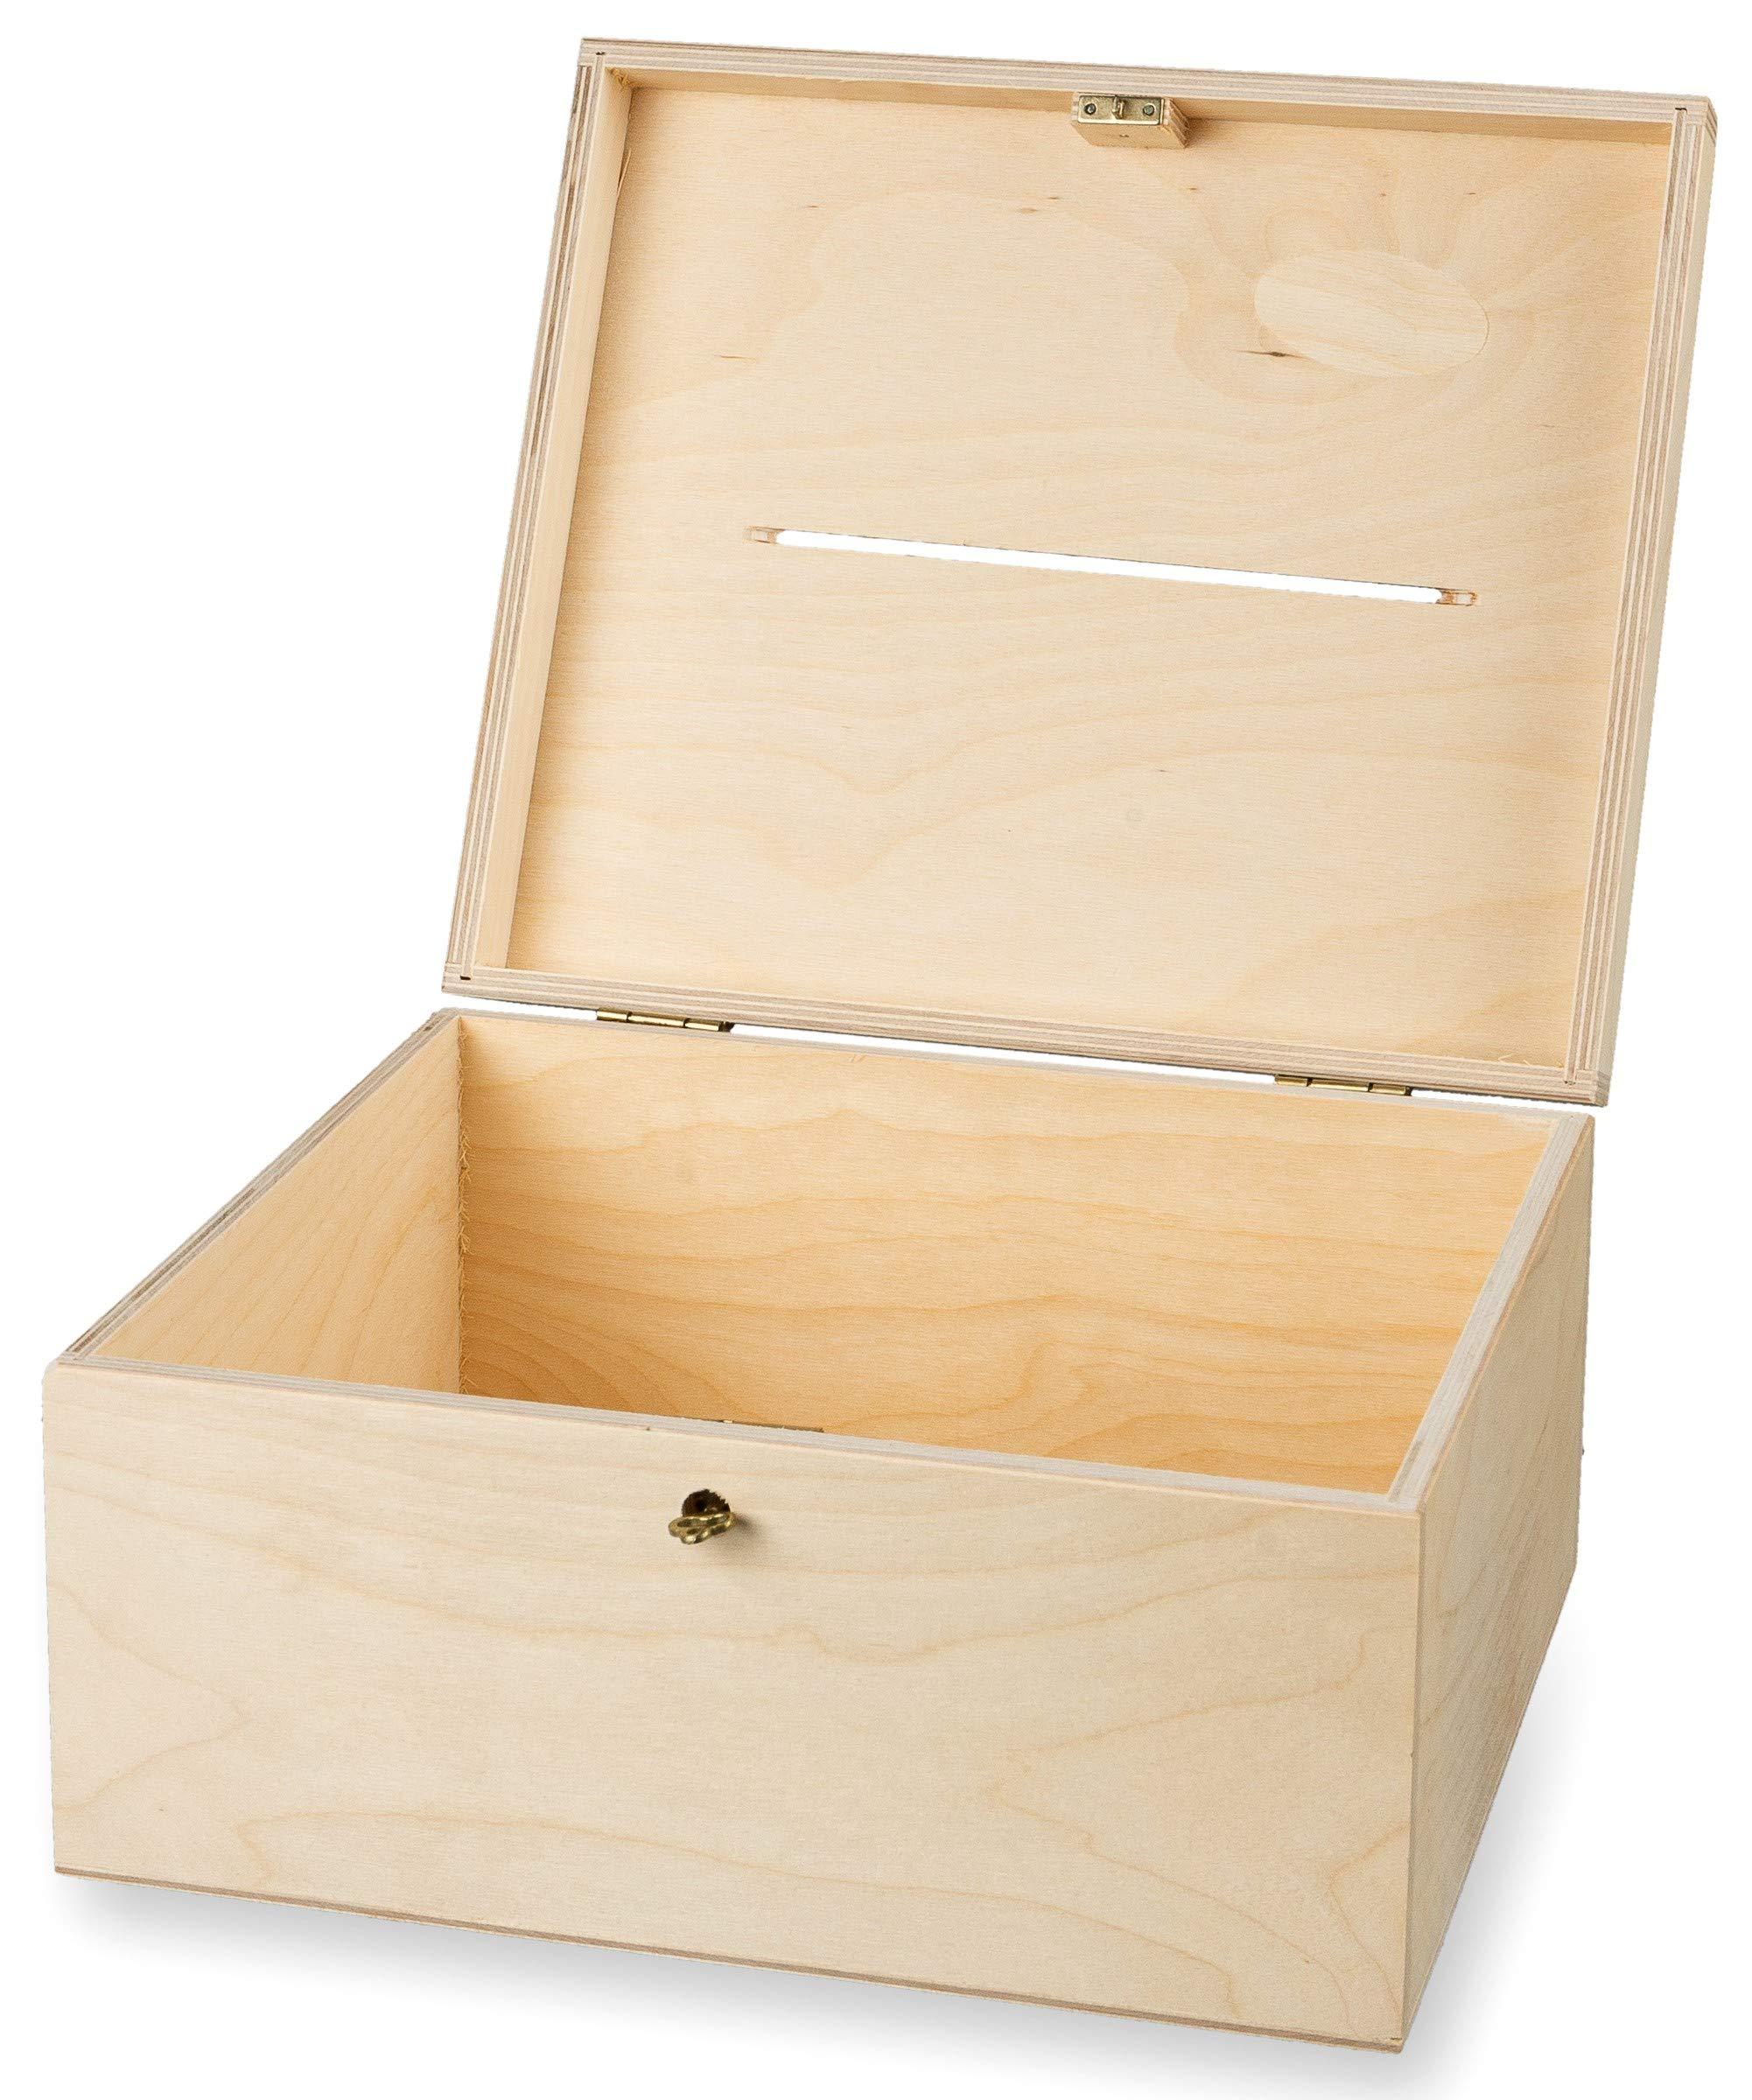 MidiM - Caja de Madera con Tapa y Orificio para Cartas, para Hacer ...